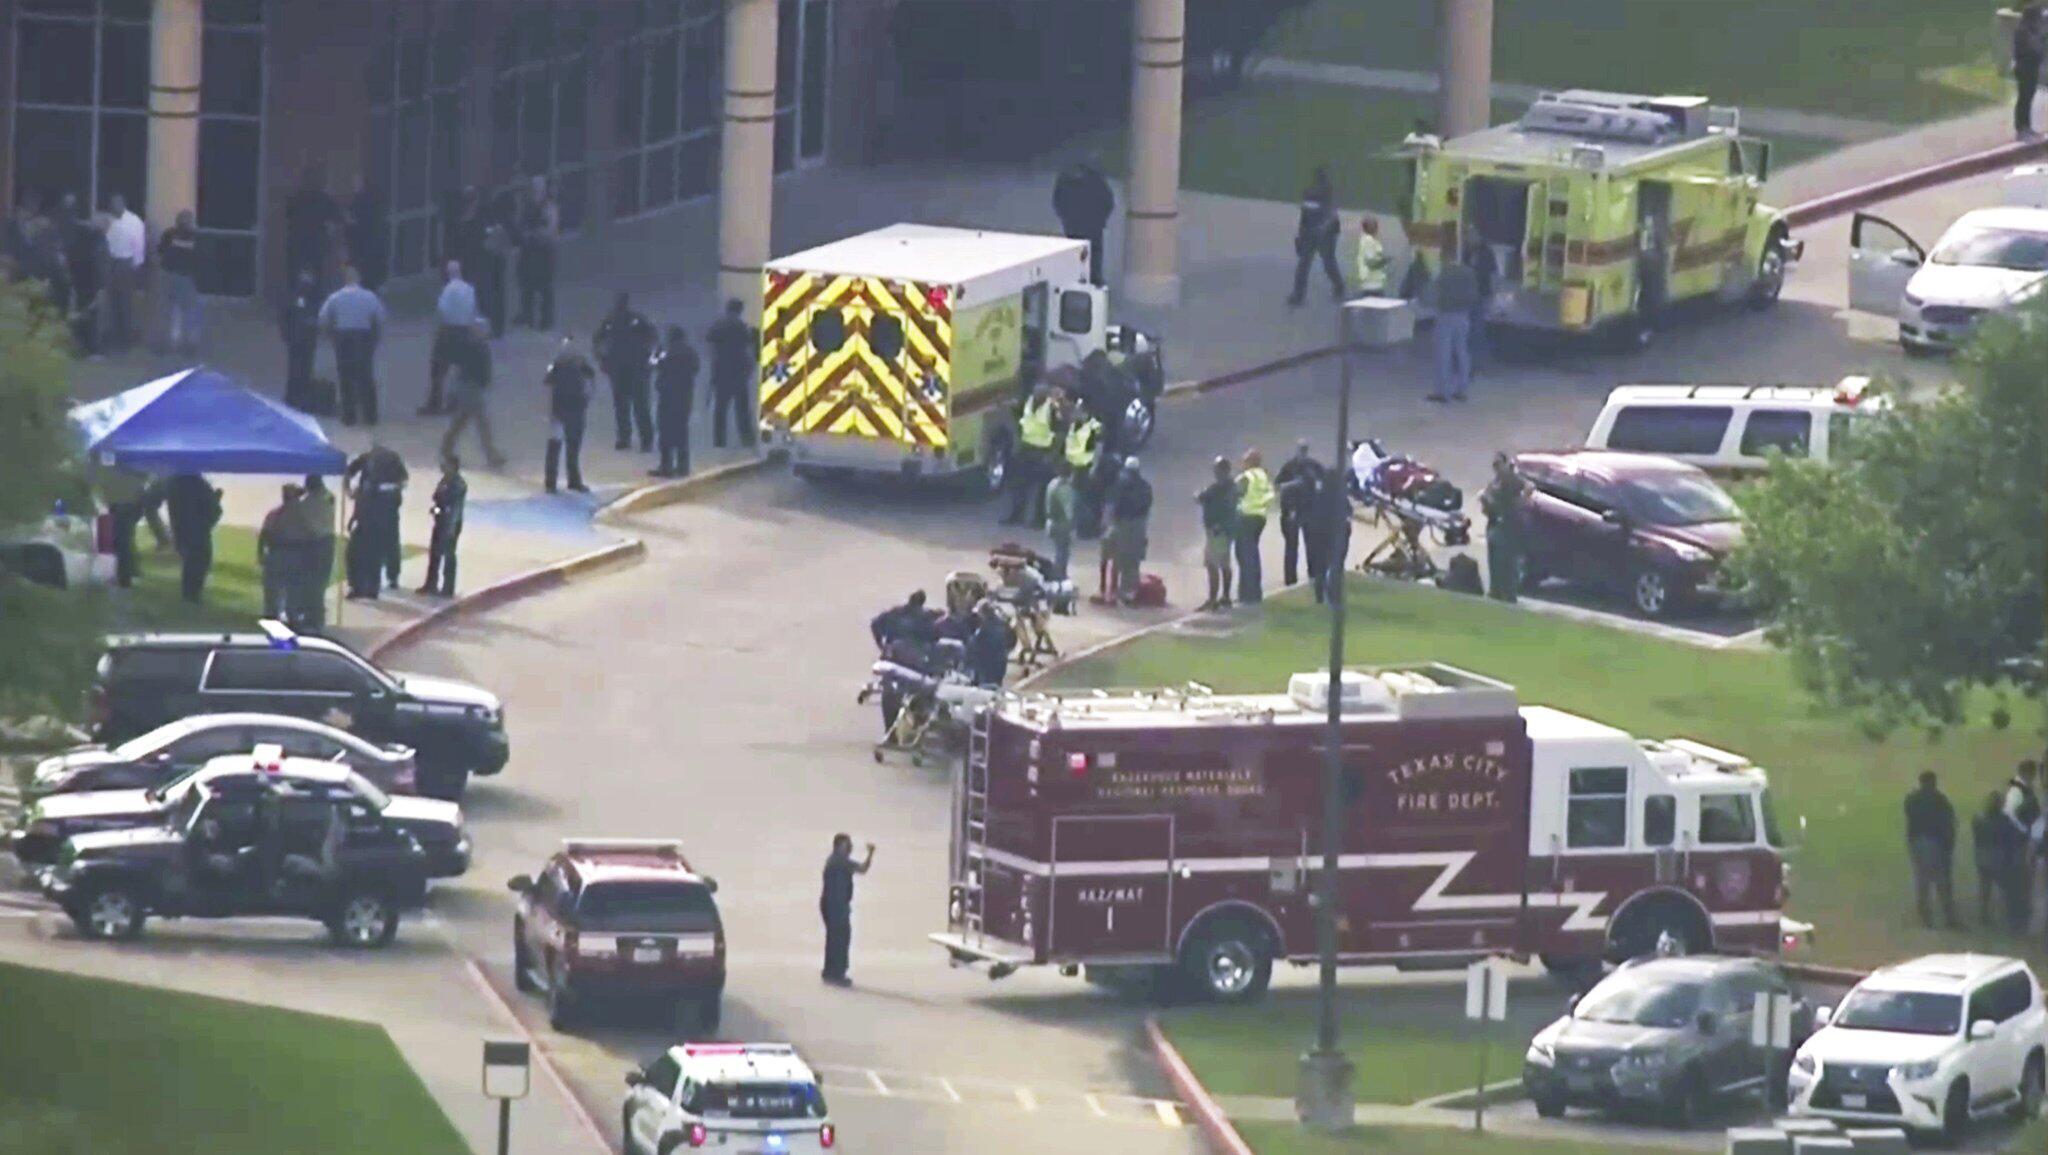 Bild zu Verletzte nach Schüssen in High School in Texas